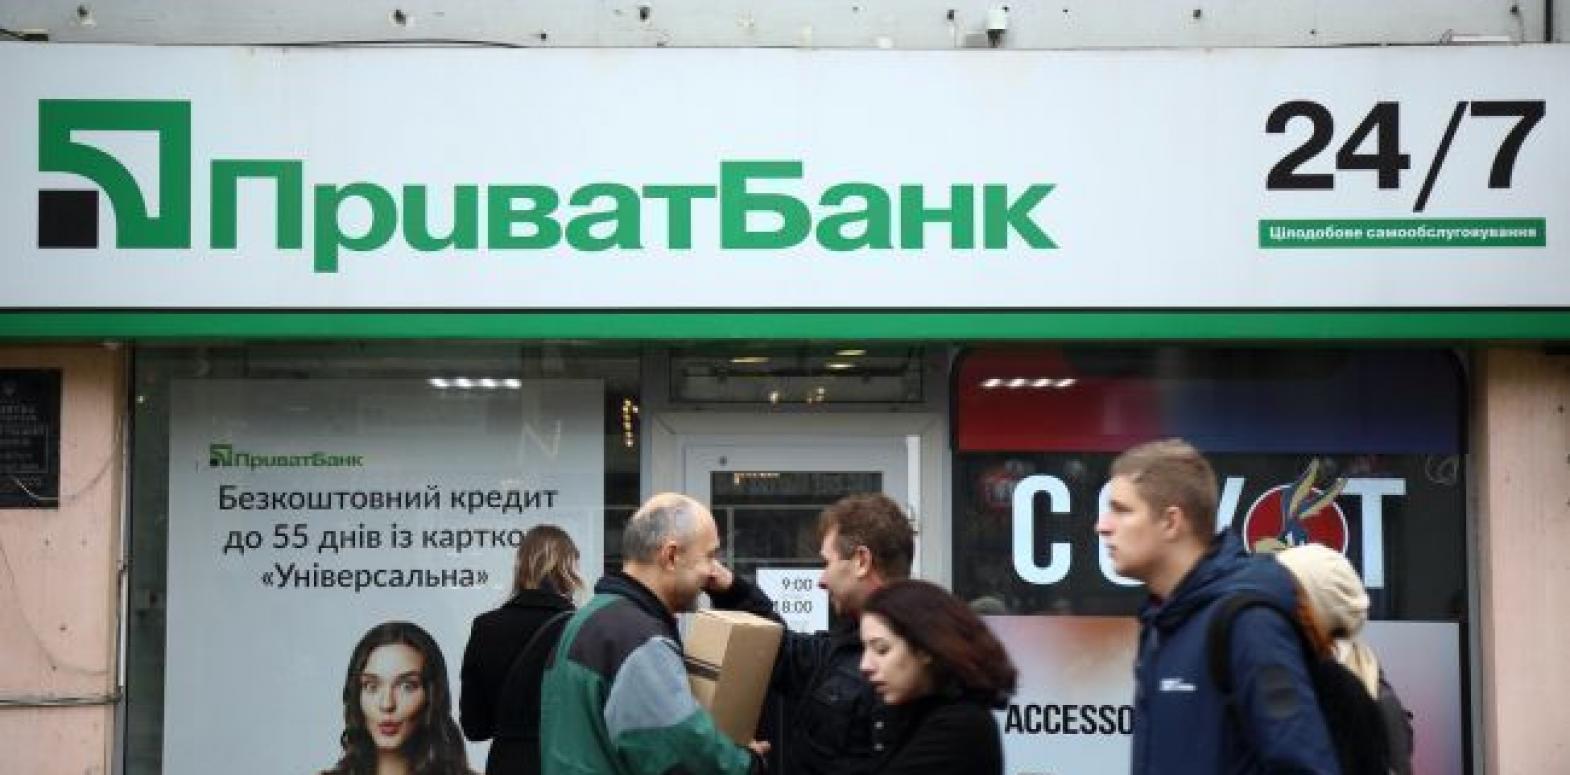 Украина и ЕС будут пытаться через суды вернуть выведенные из ПриватБанка деньги